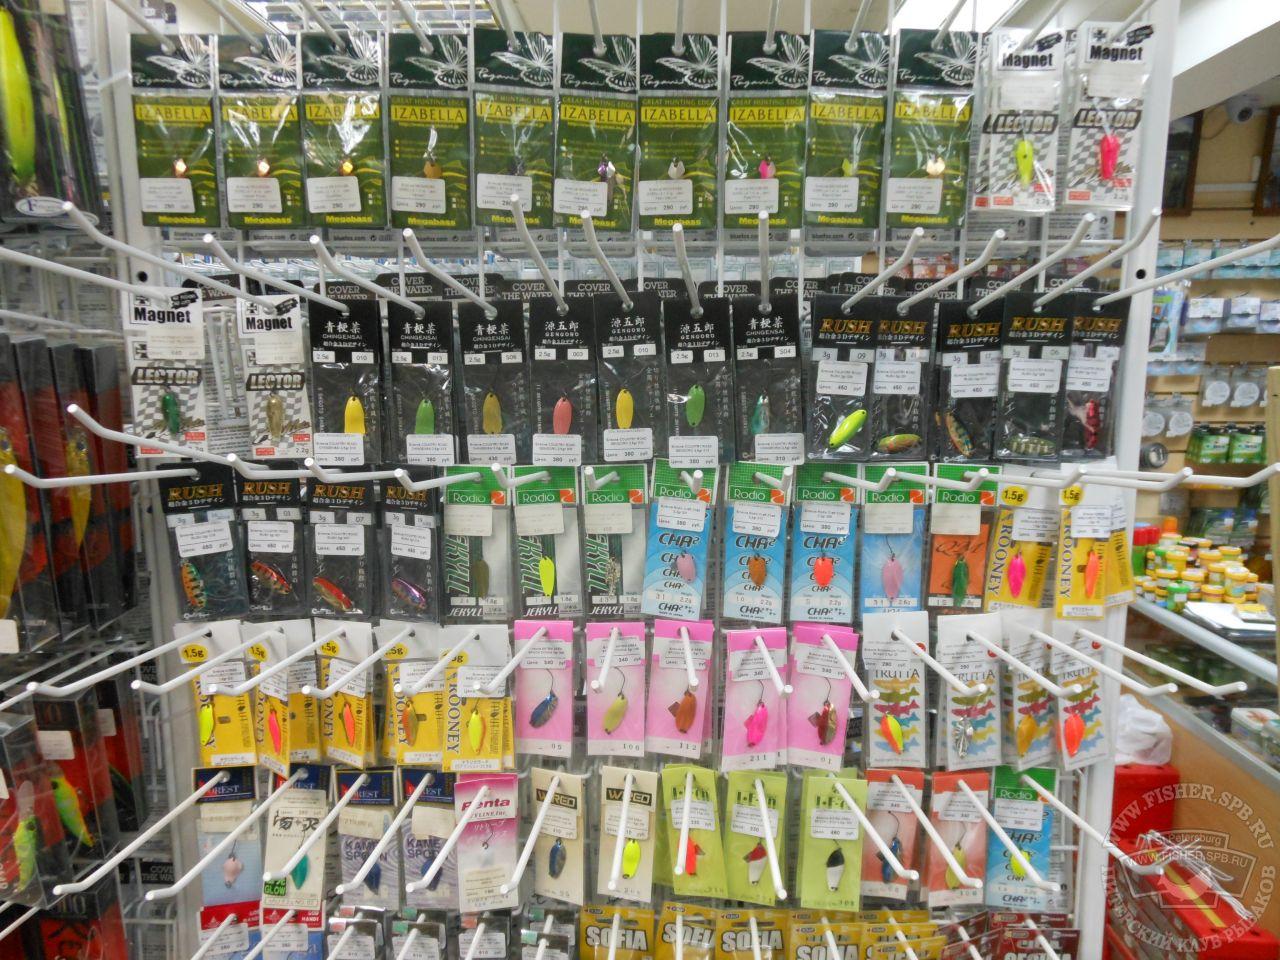 магазин склад рыбака